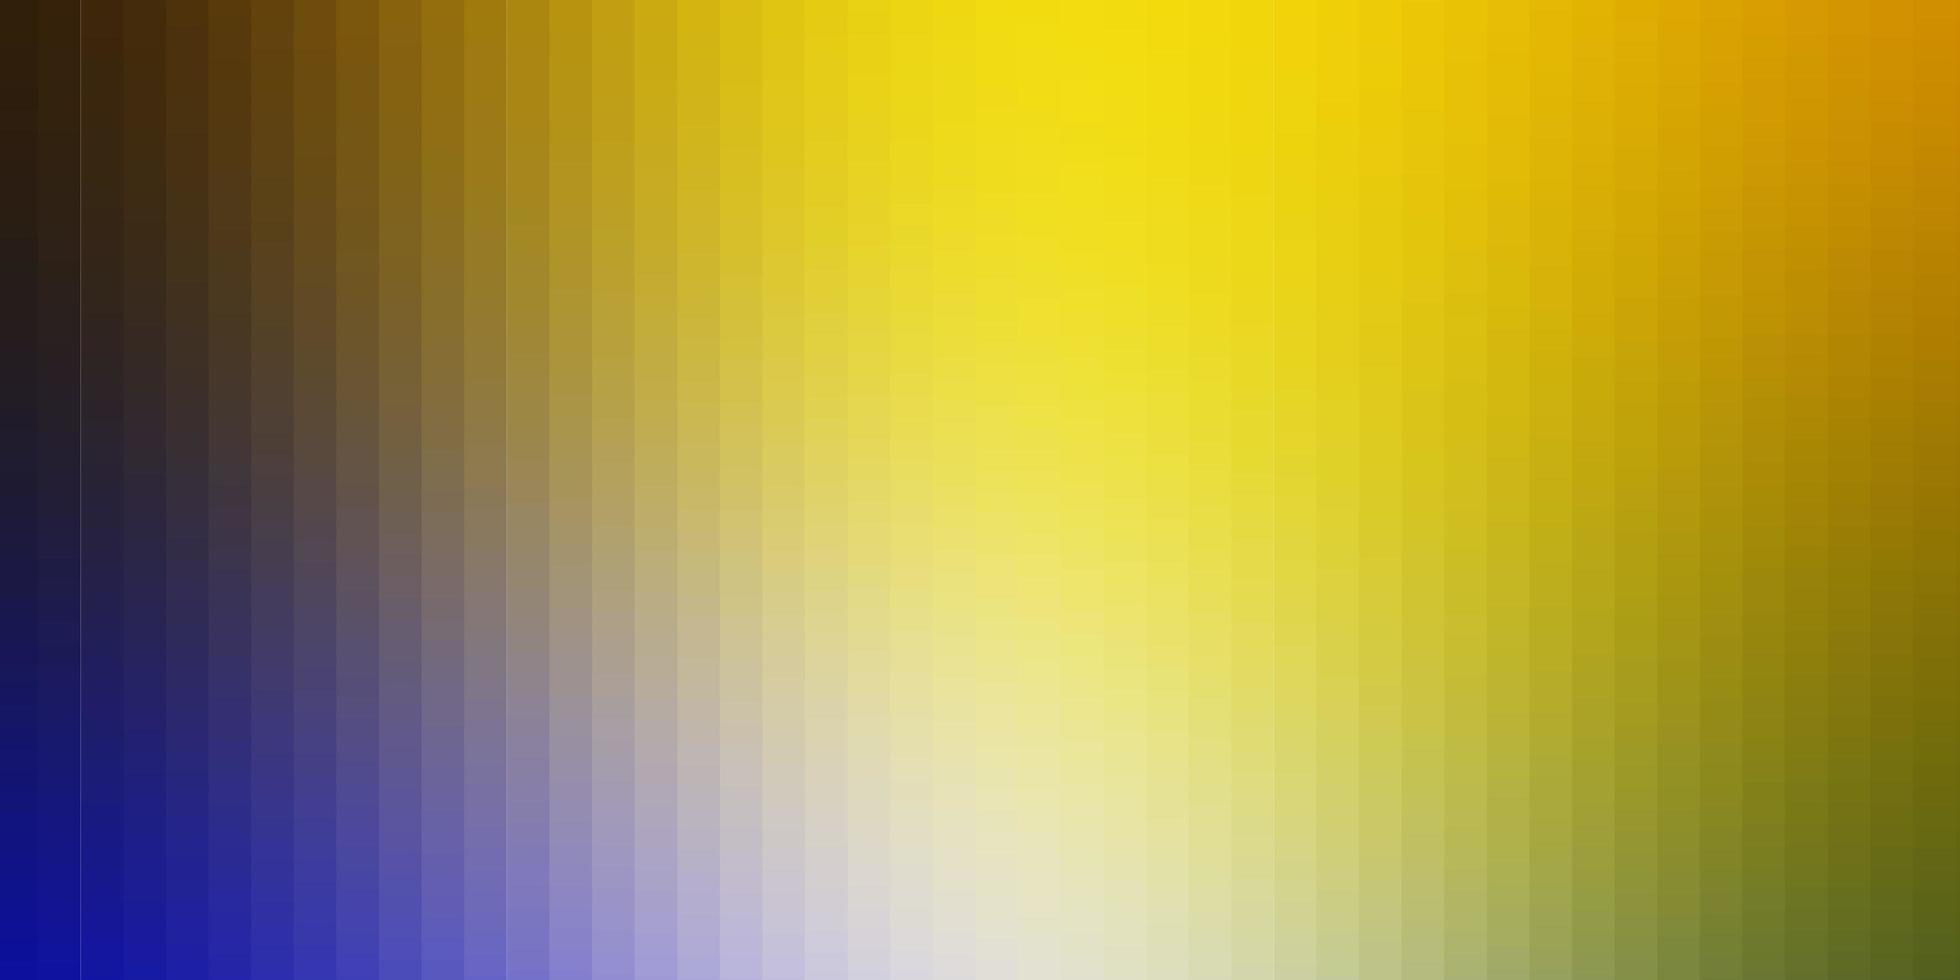 de fundo vector azul e amarelo claro em estilo poligonal.